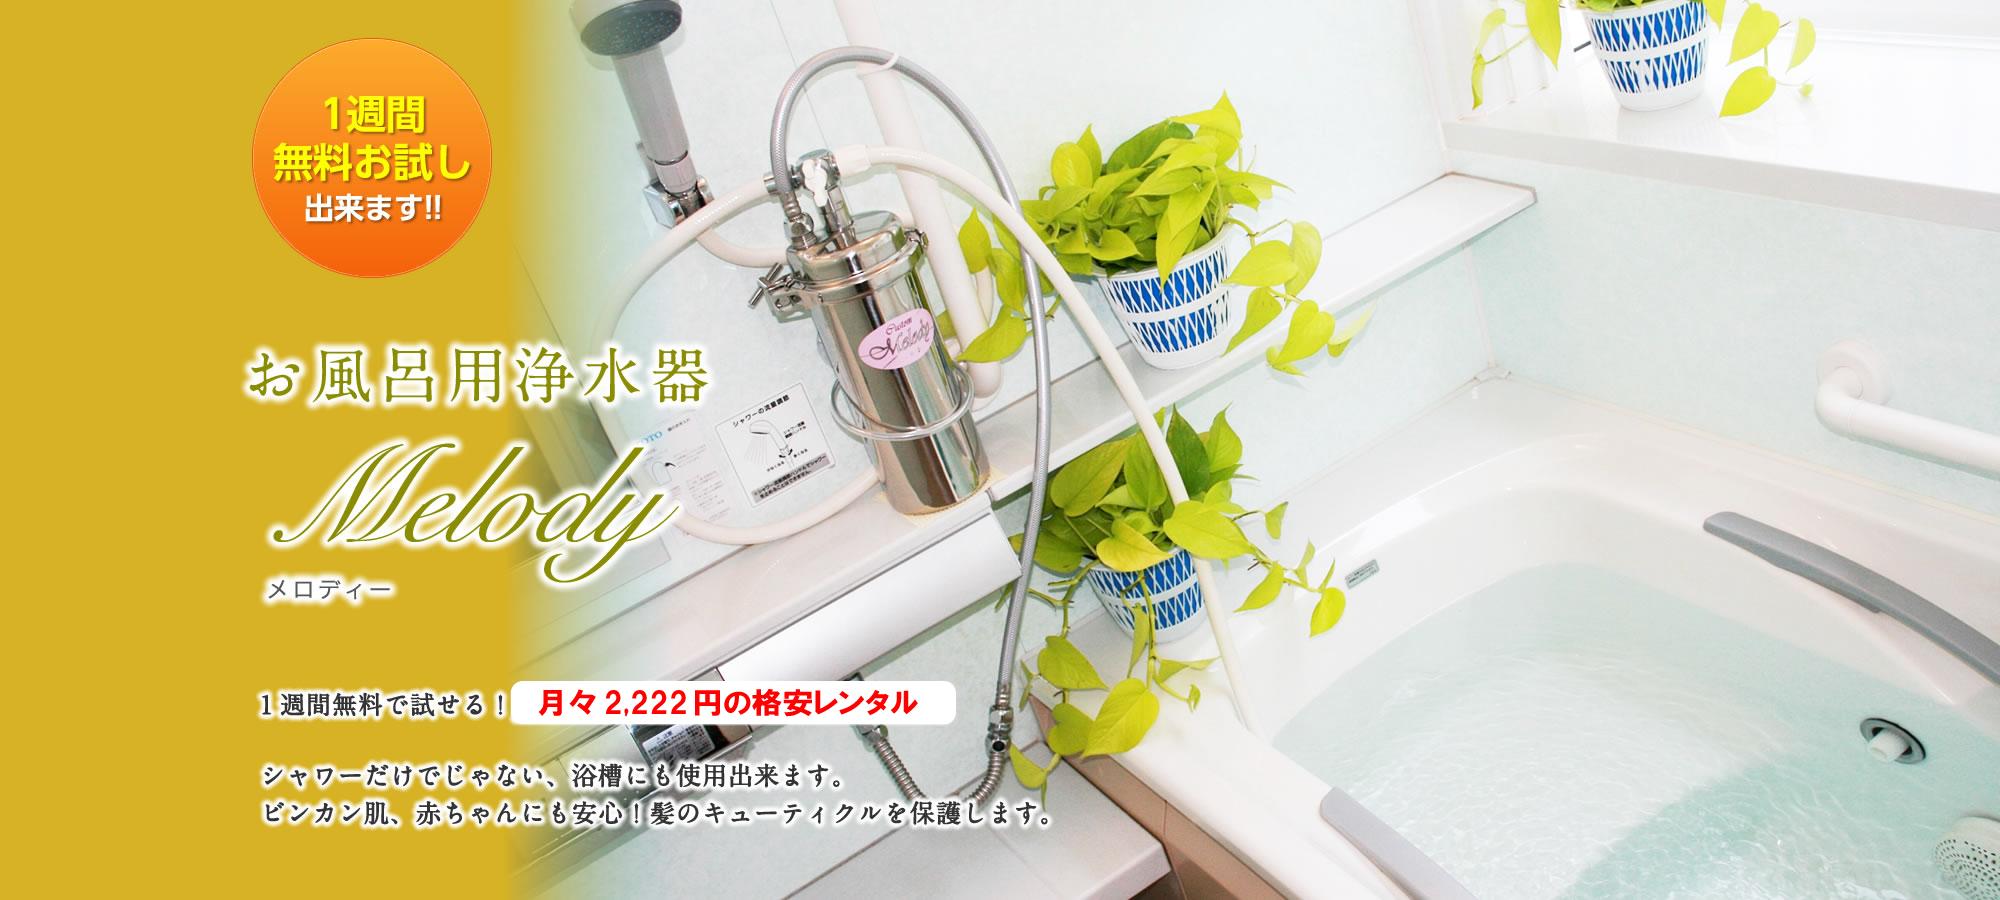 1週間無料お試しできます!!お風呂用浄水器「メロディー」